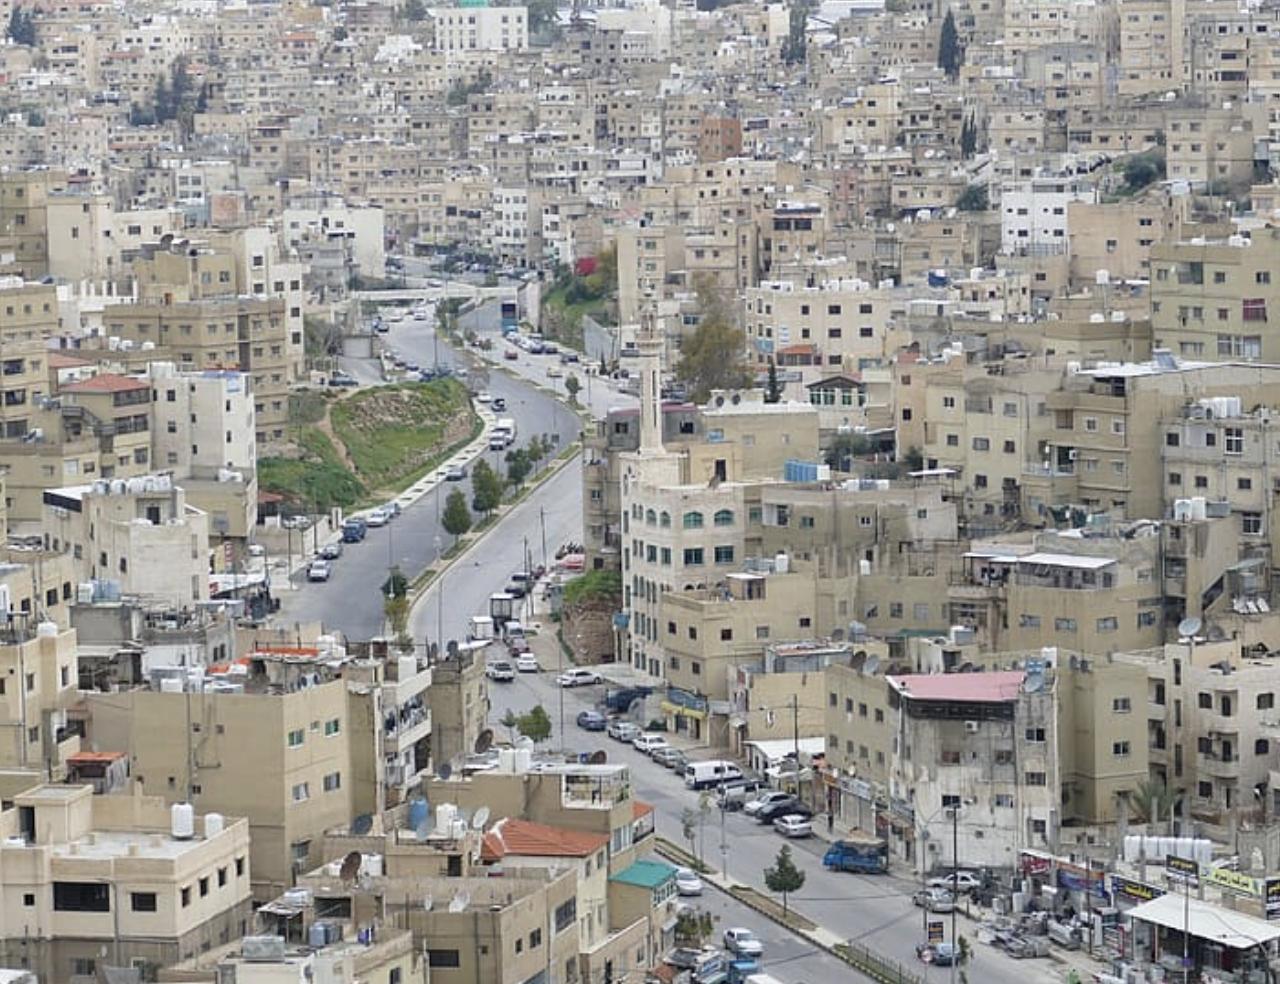 Moyen-Orient/Afrique du Nord : Ce qu'il ne fallait pas manquer de l'actualité économique de cette semaine 19